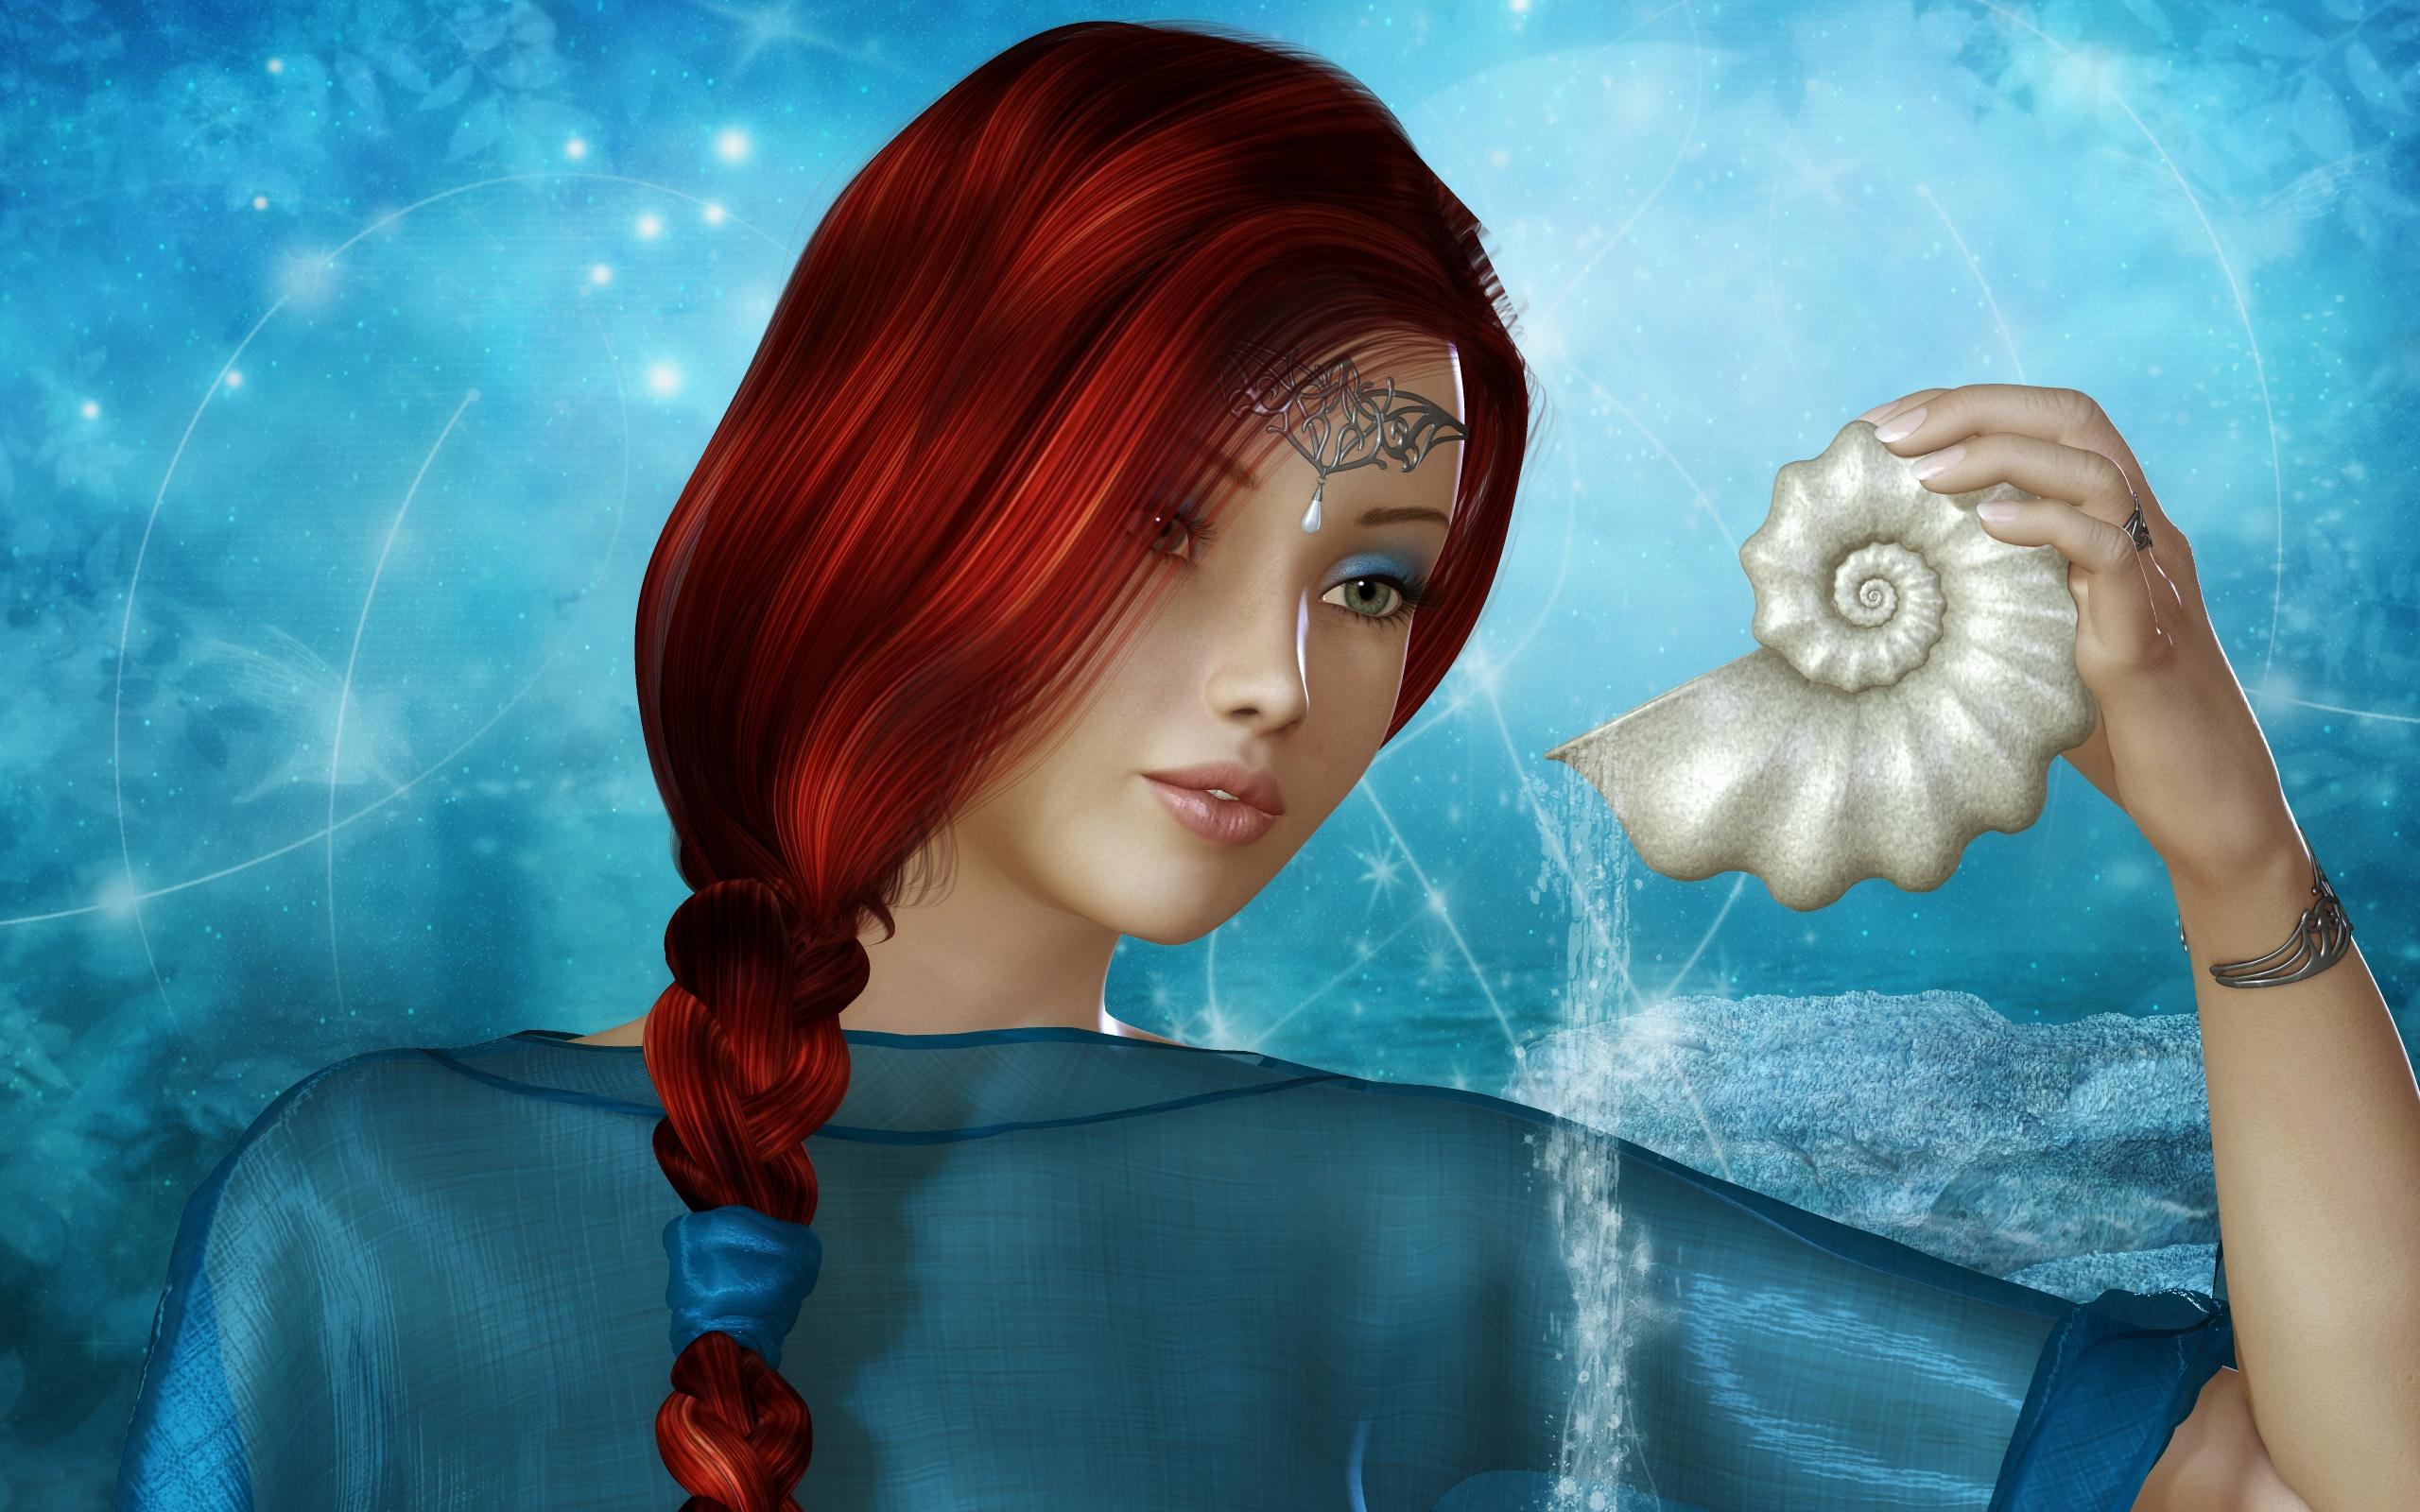 fantasy girl, blue dress Wallpaper | 2560x1600 resolution wallpaper ...: best-wallpaper.net/Beautiful-brown-hair-fantasy-girl-blue-dress...